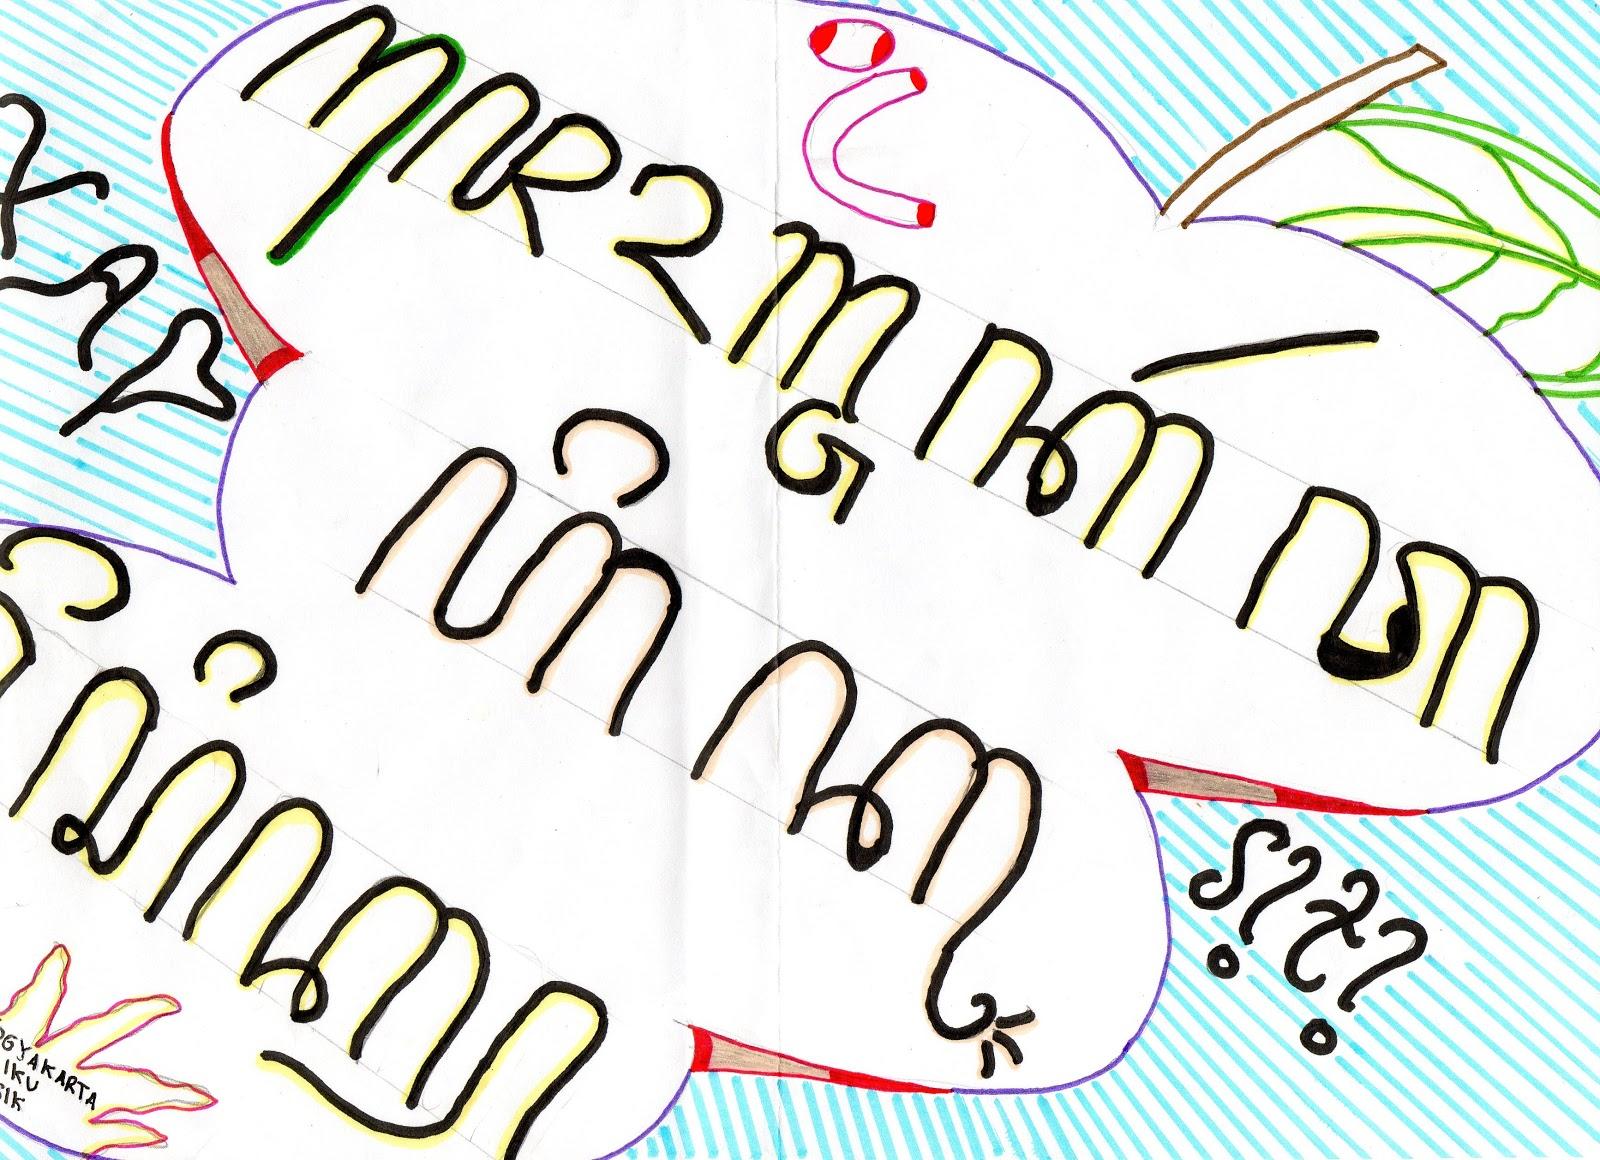 Contoh Kaligrafi Jawa